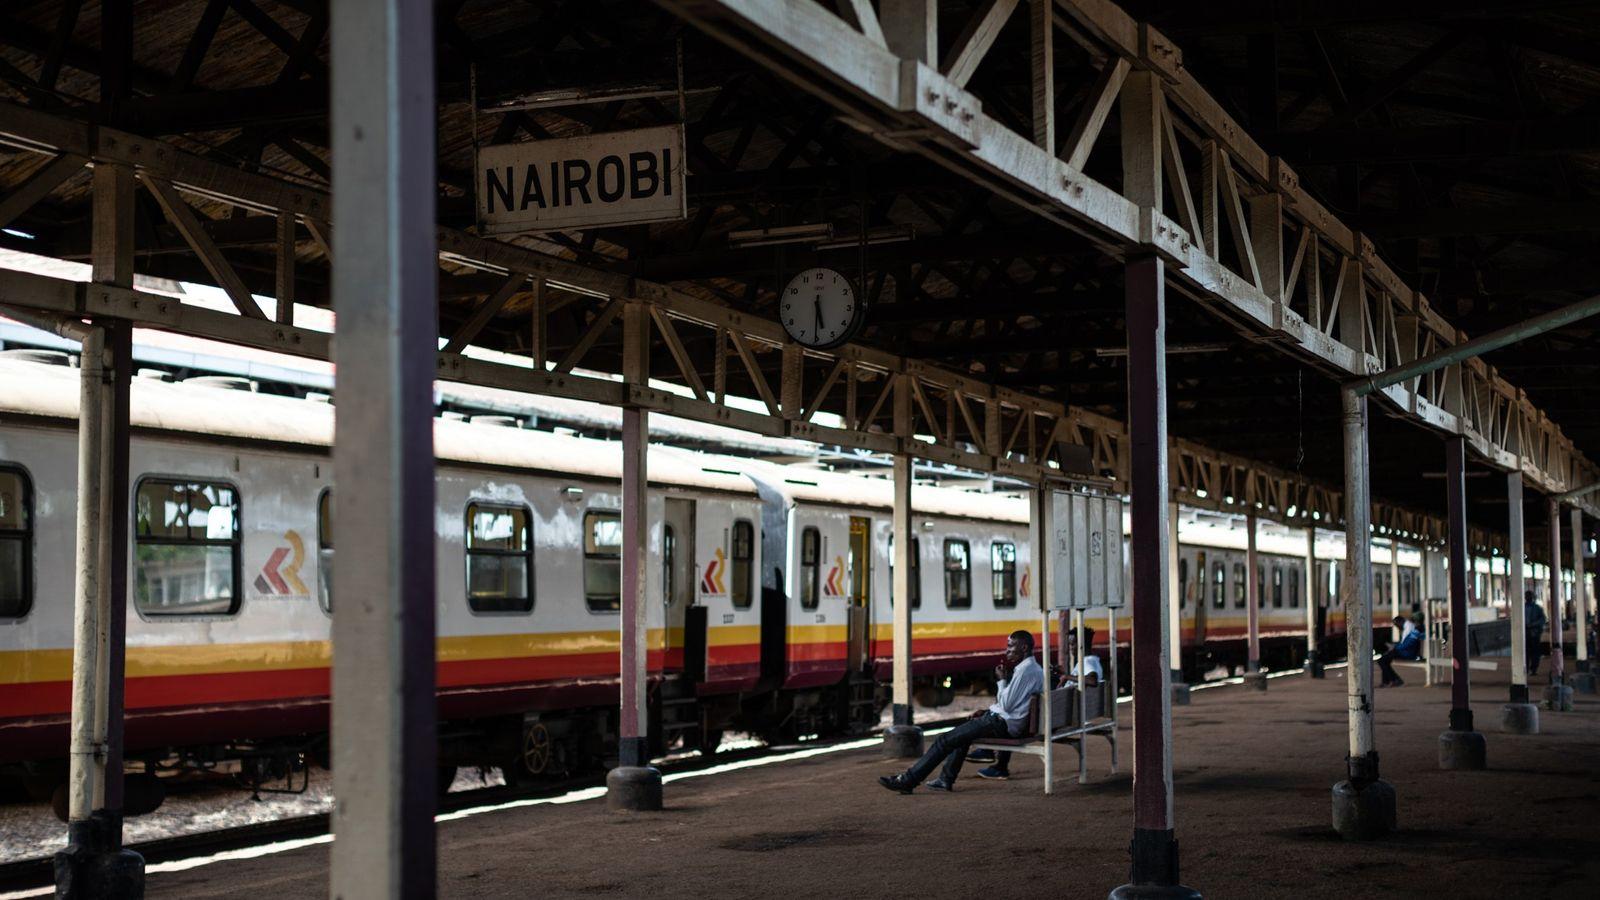 Estación de Ferrocarril de Nairobi